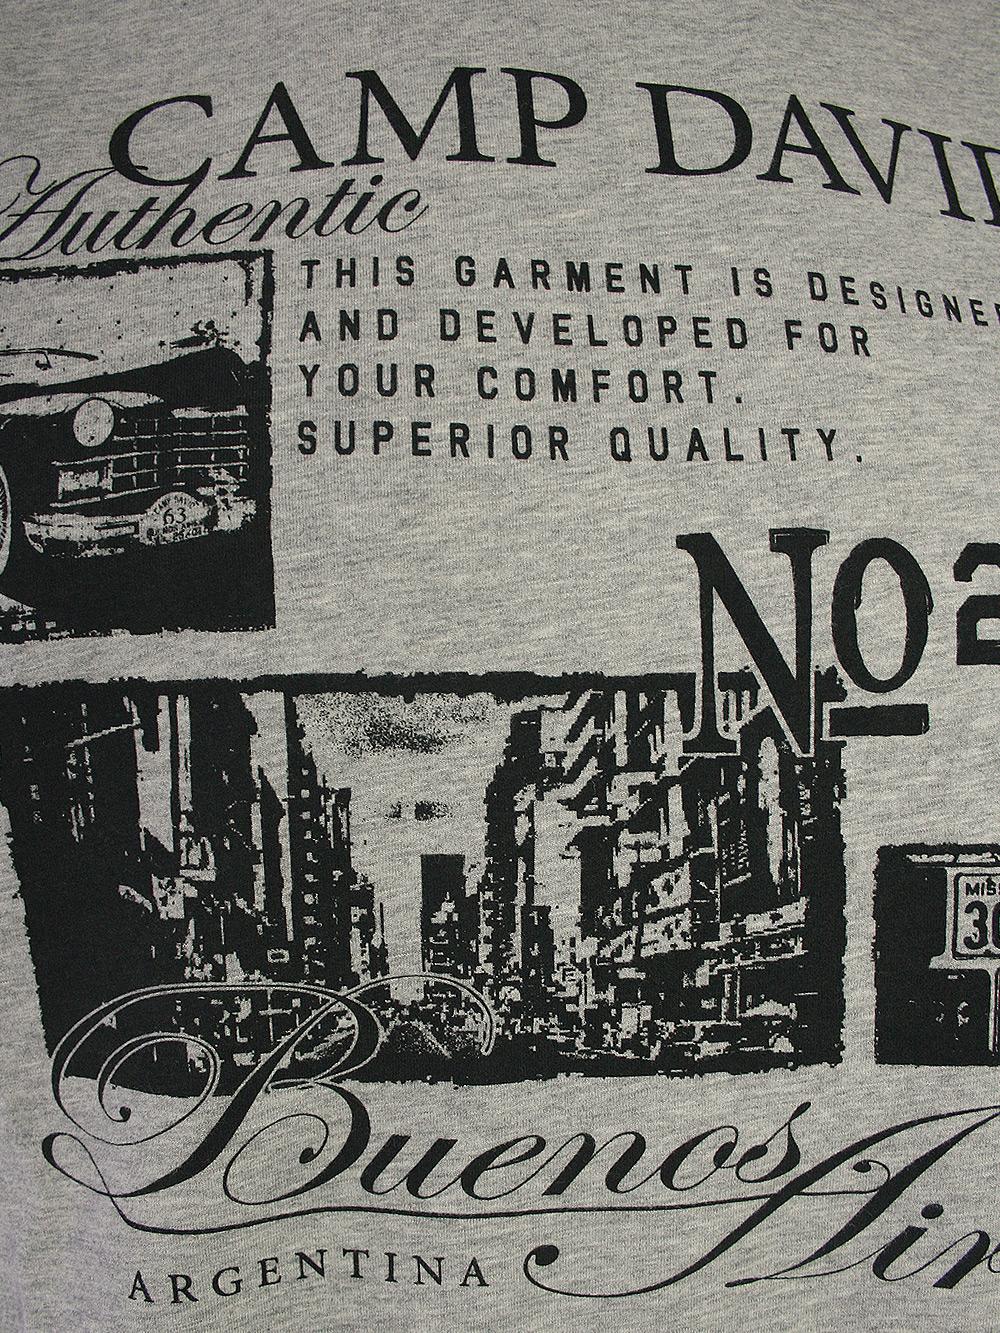 stylisches camp david herren t shirt buenos aires in grau neu ebay. Black Bedroom Furniture Sets. Home Design Ideas